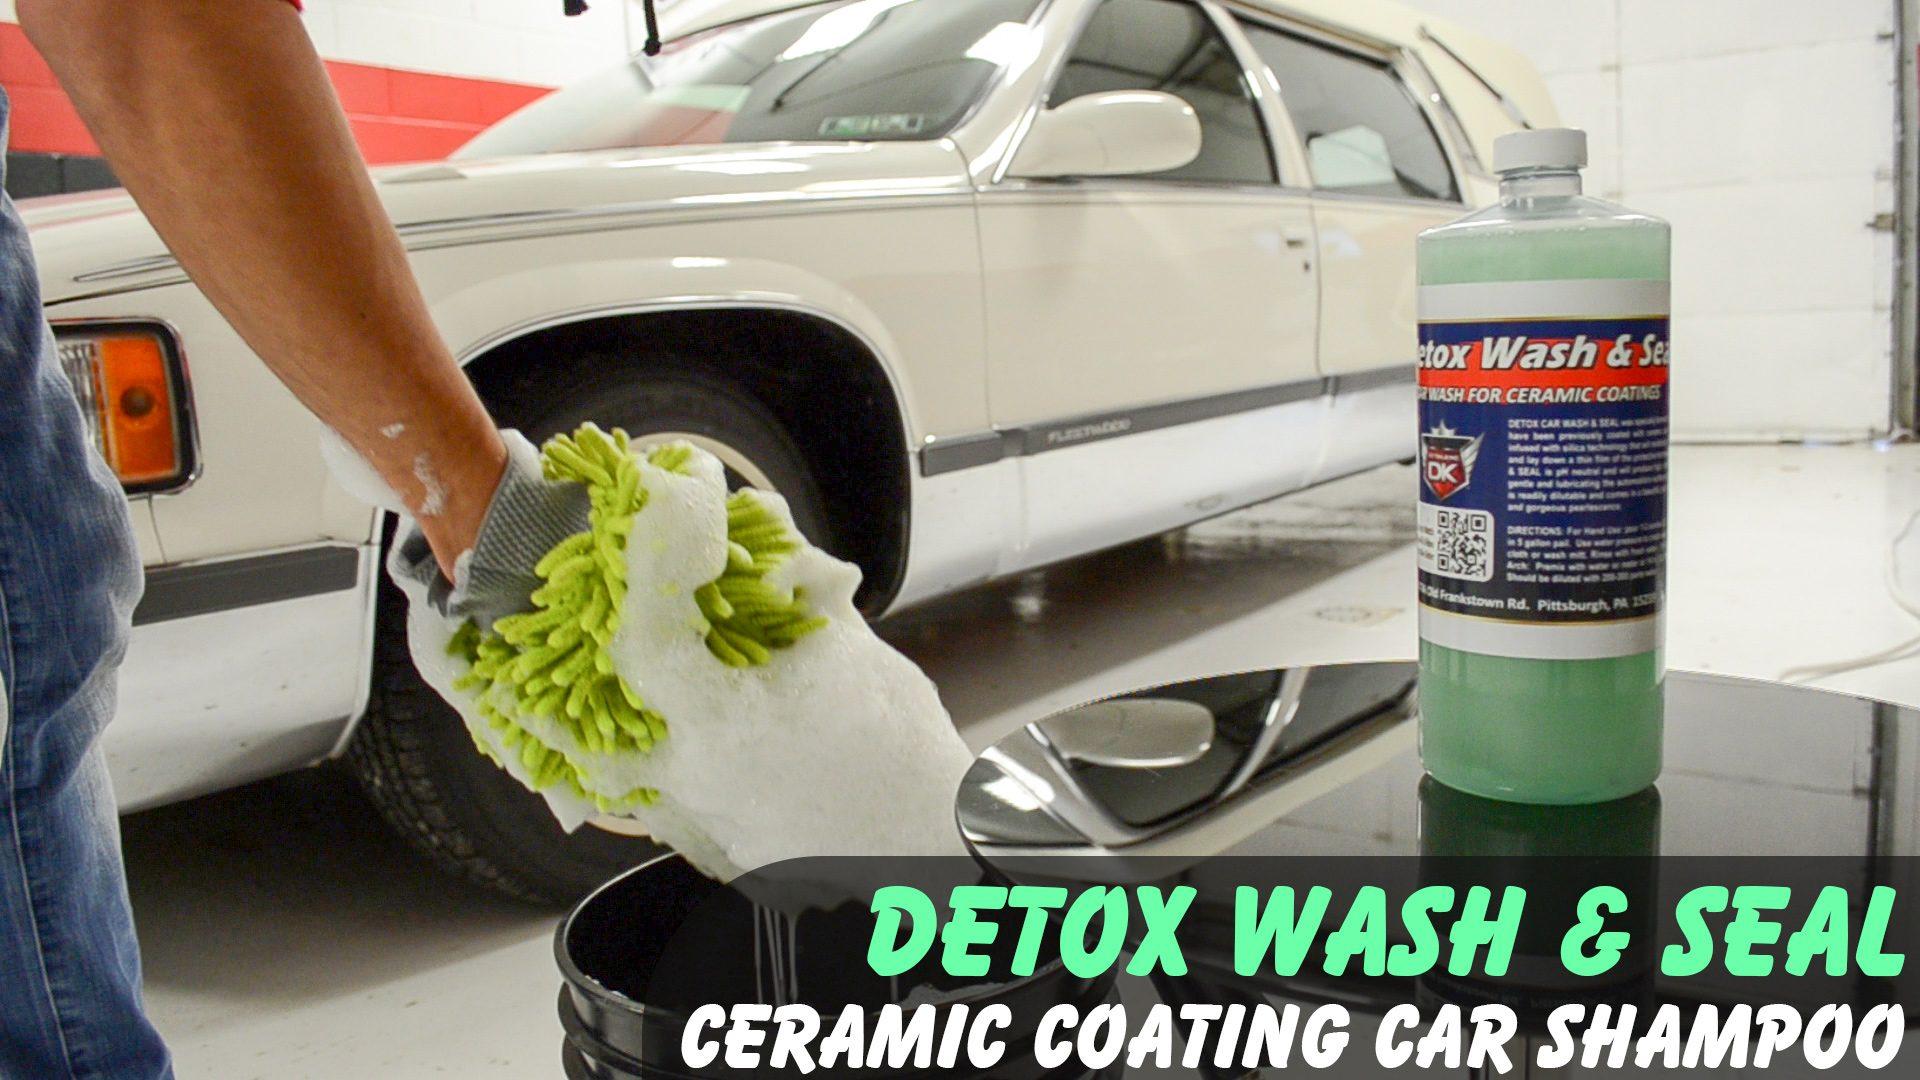 Detox Wash & Seal for Ceramic Coatings